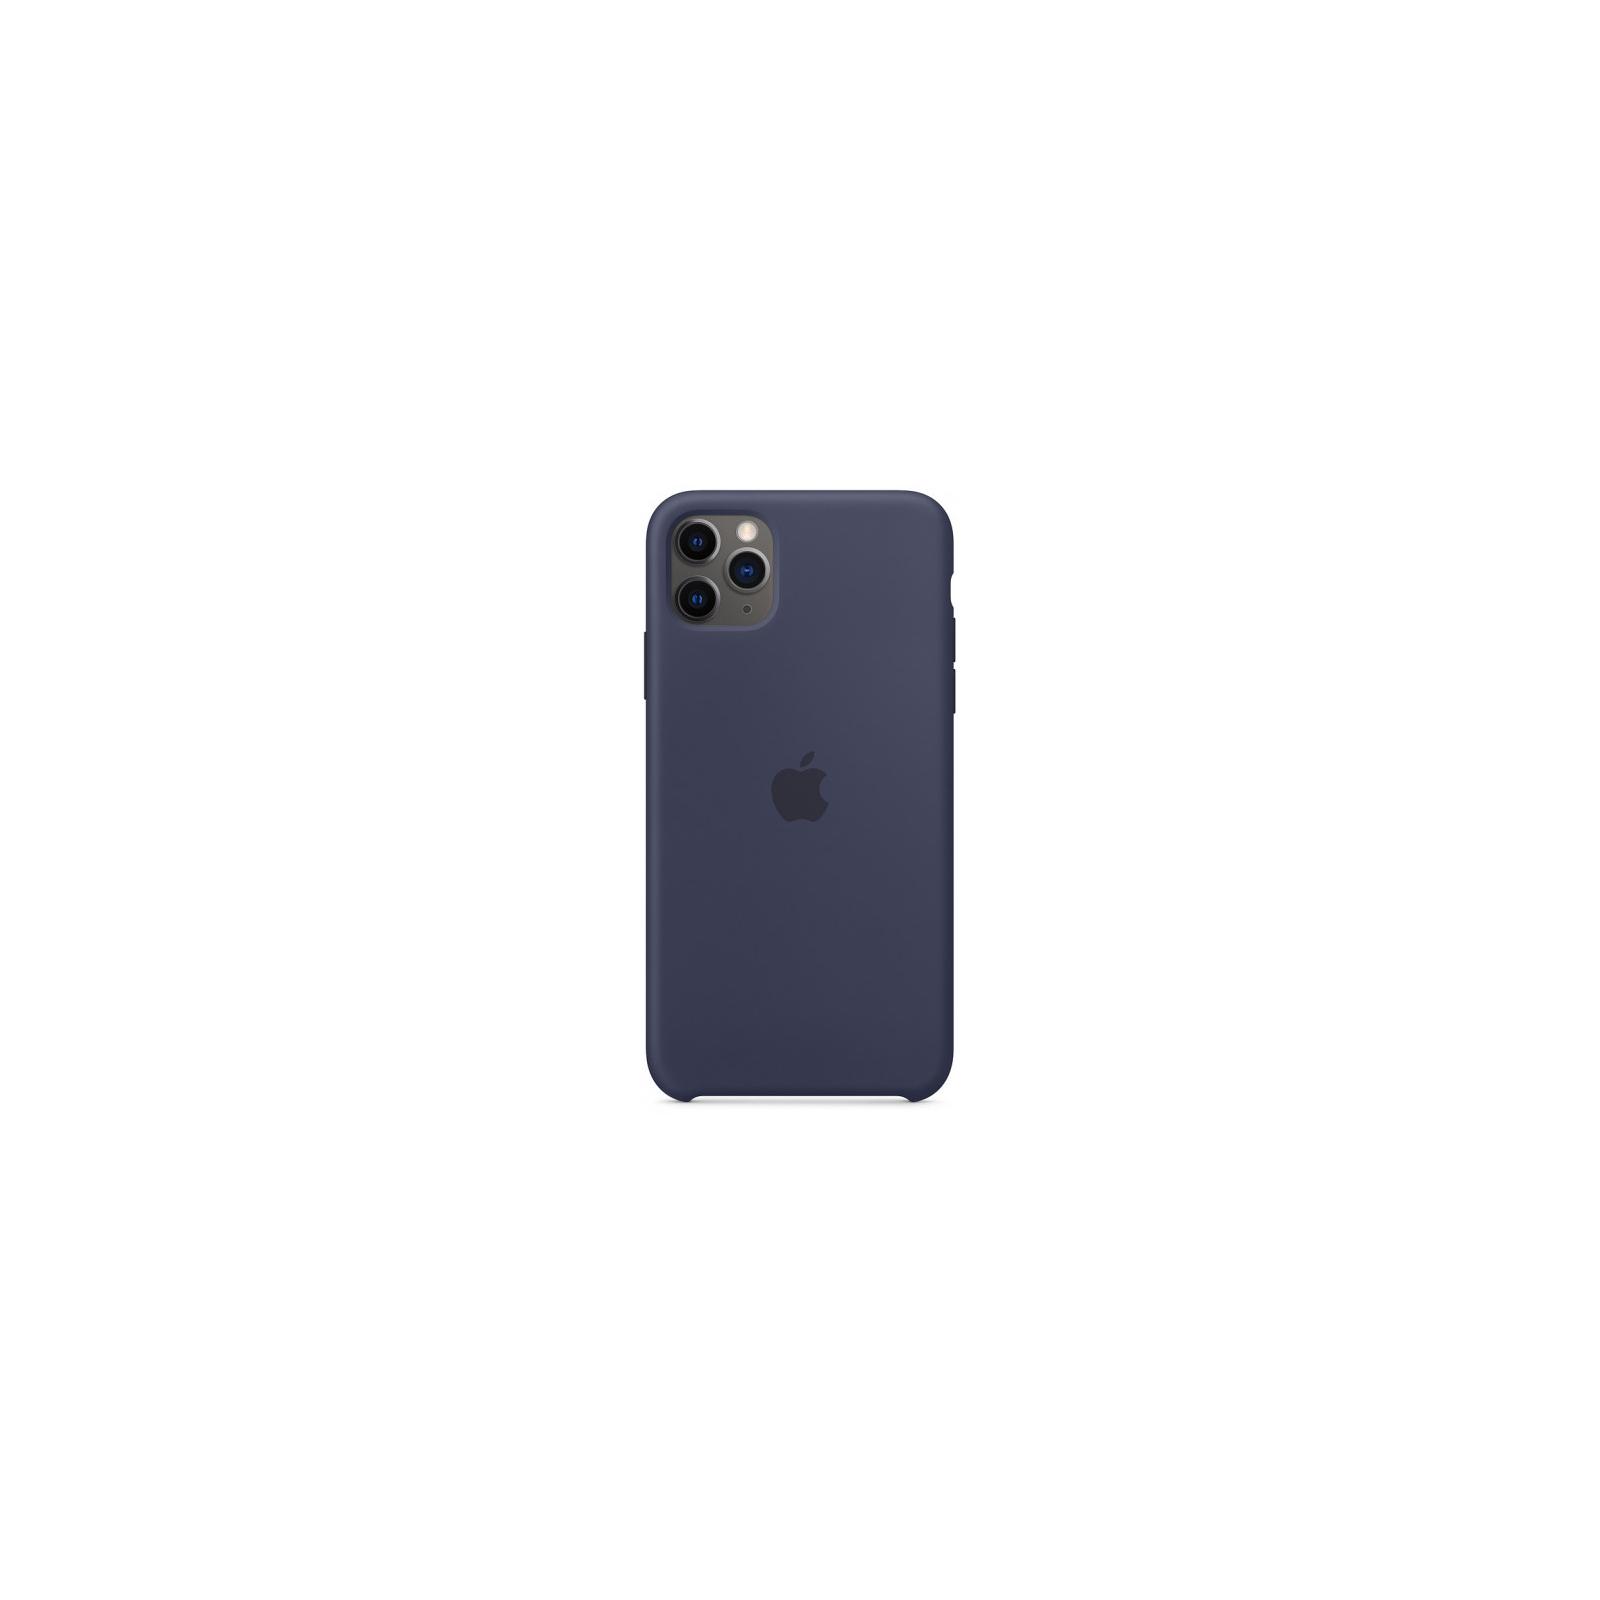 Чехол для моб. телефона Apple iPhone 11 Pro Max Silicone Case - Midnight Blue (MWYW2ZM/A)